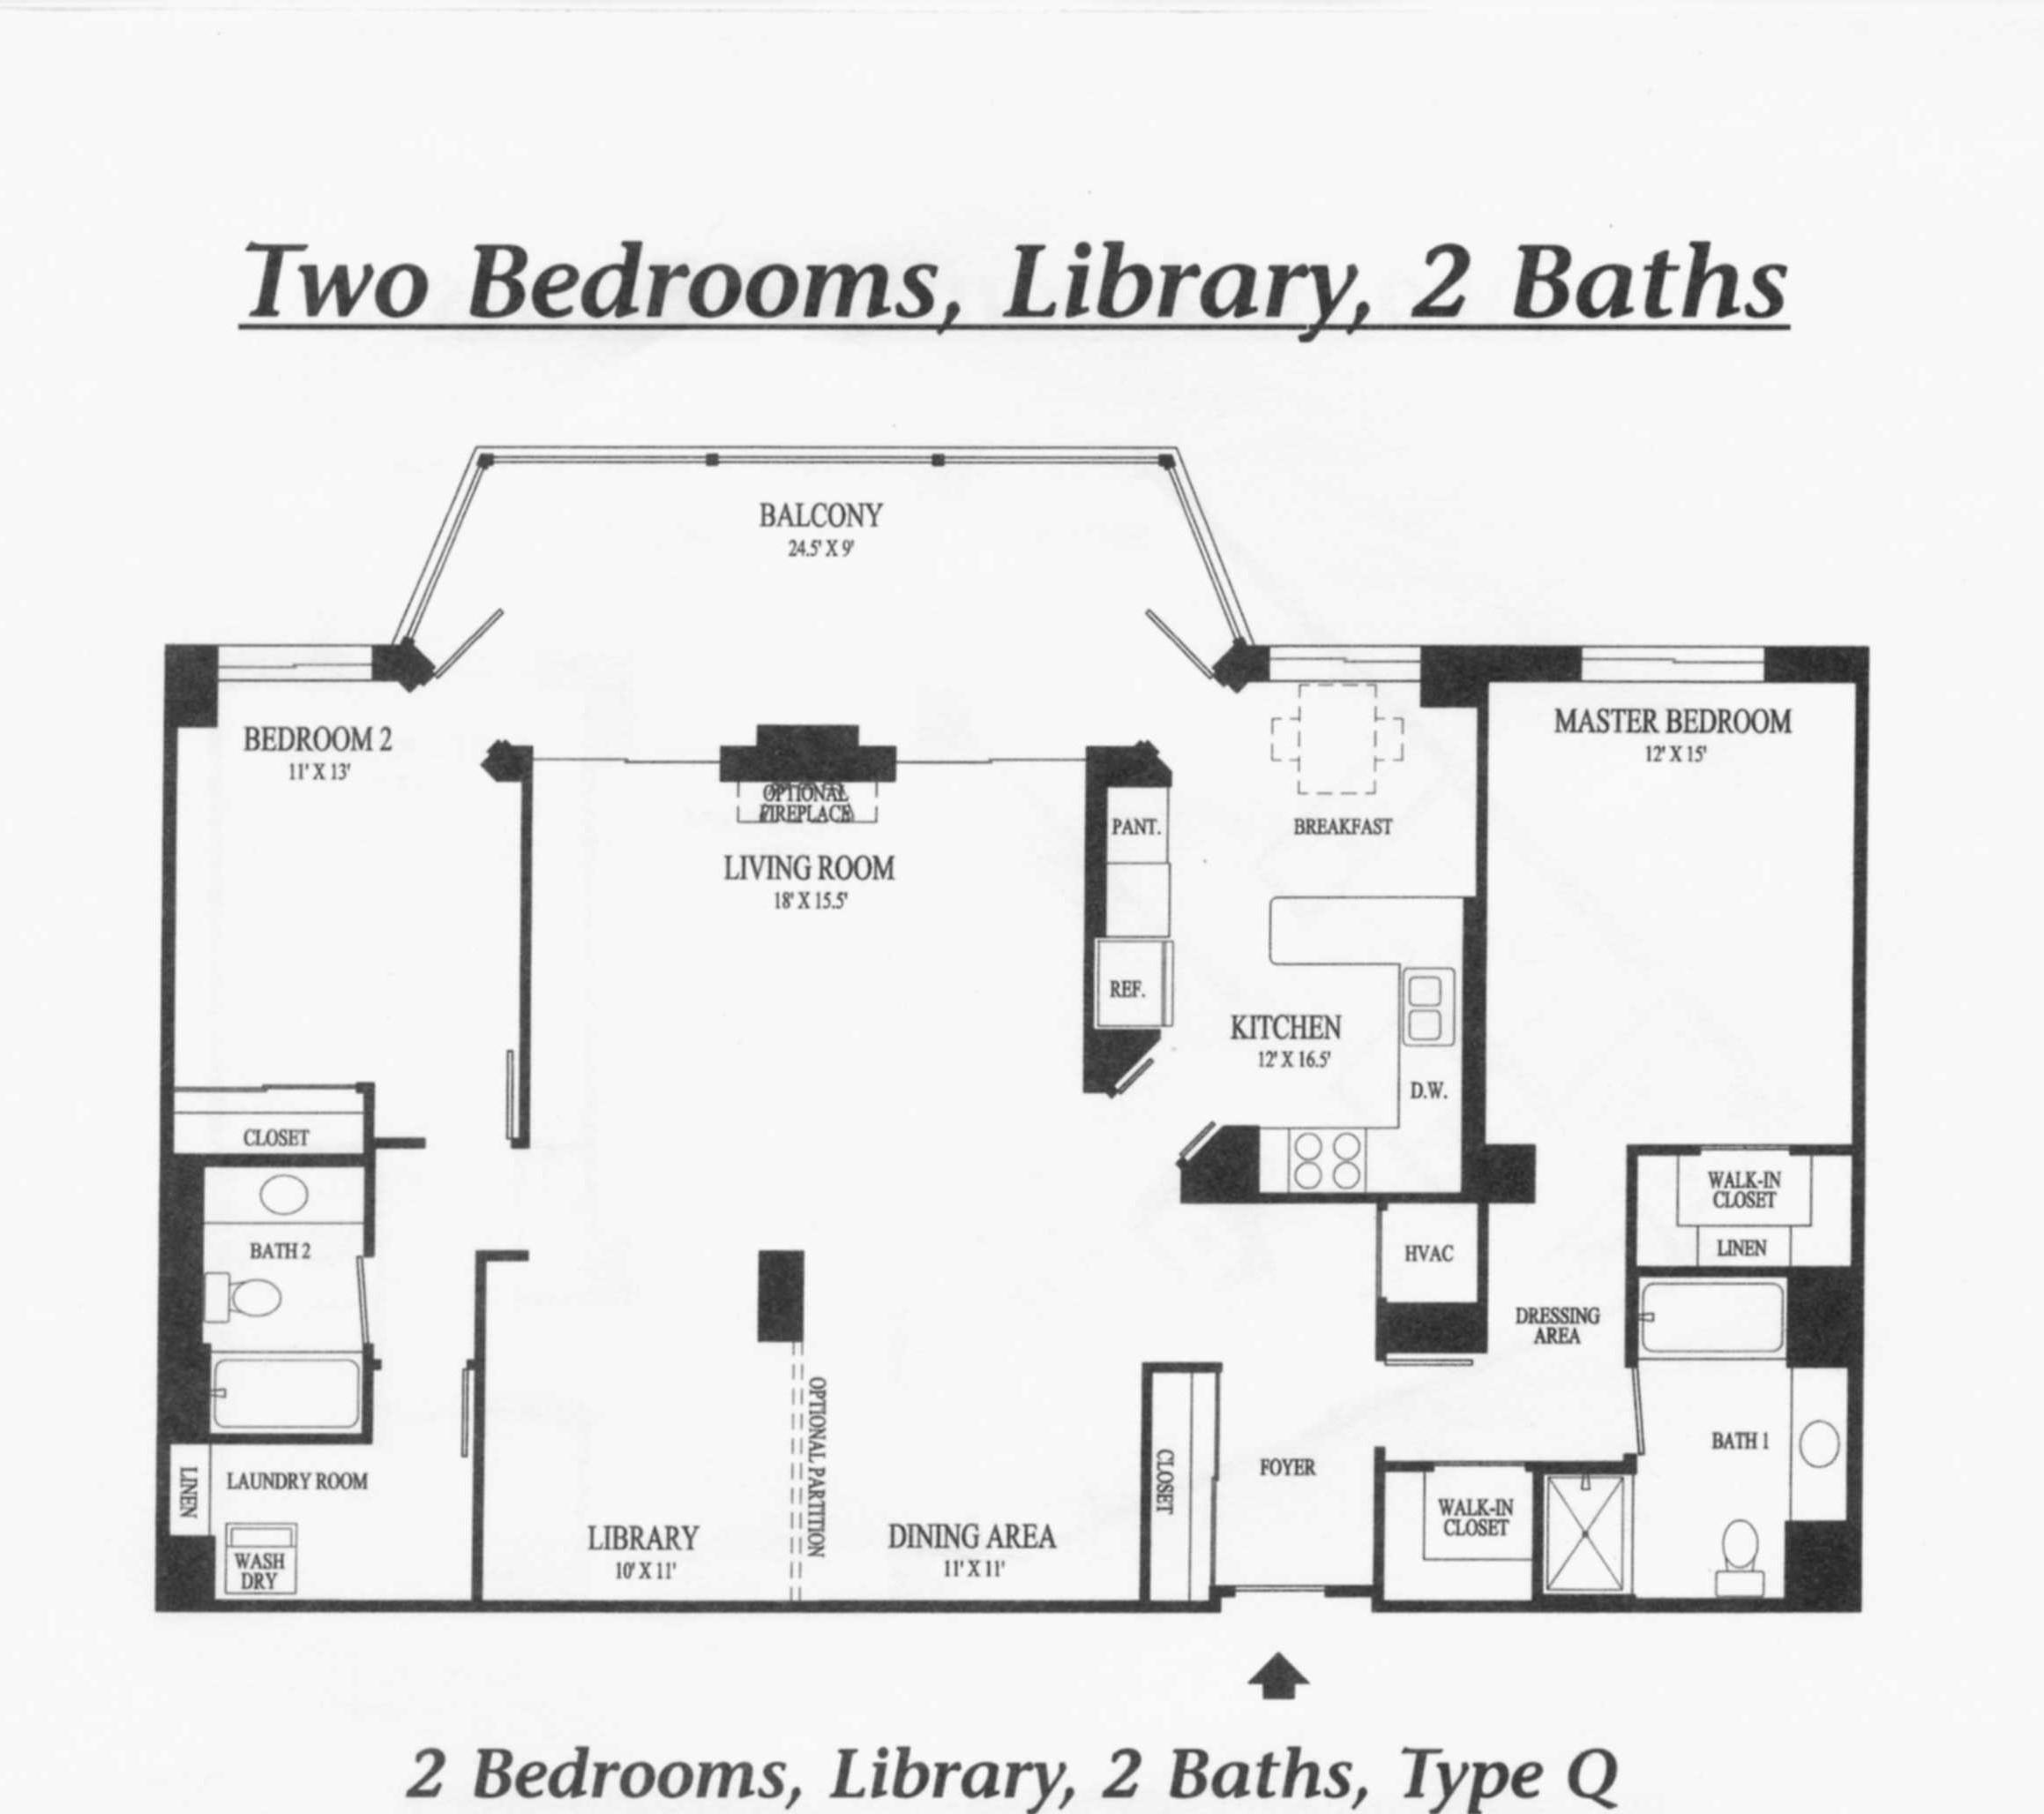 19355 Cypress Ridge Ter #912 - Lansdowne Woods- Floorplan